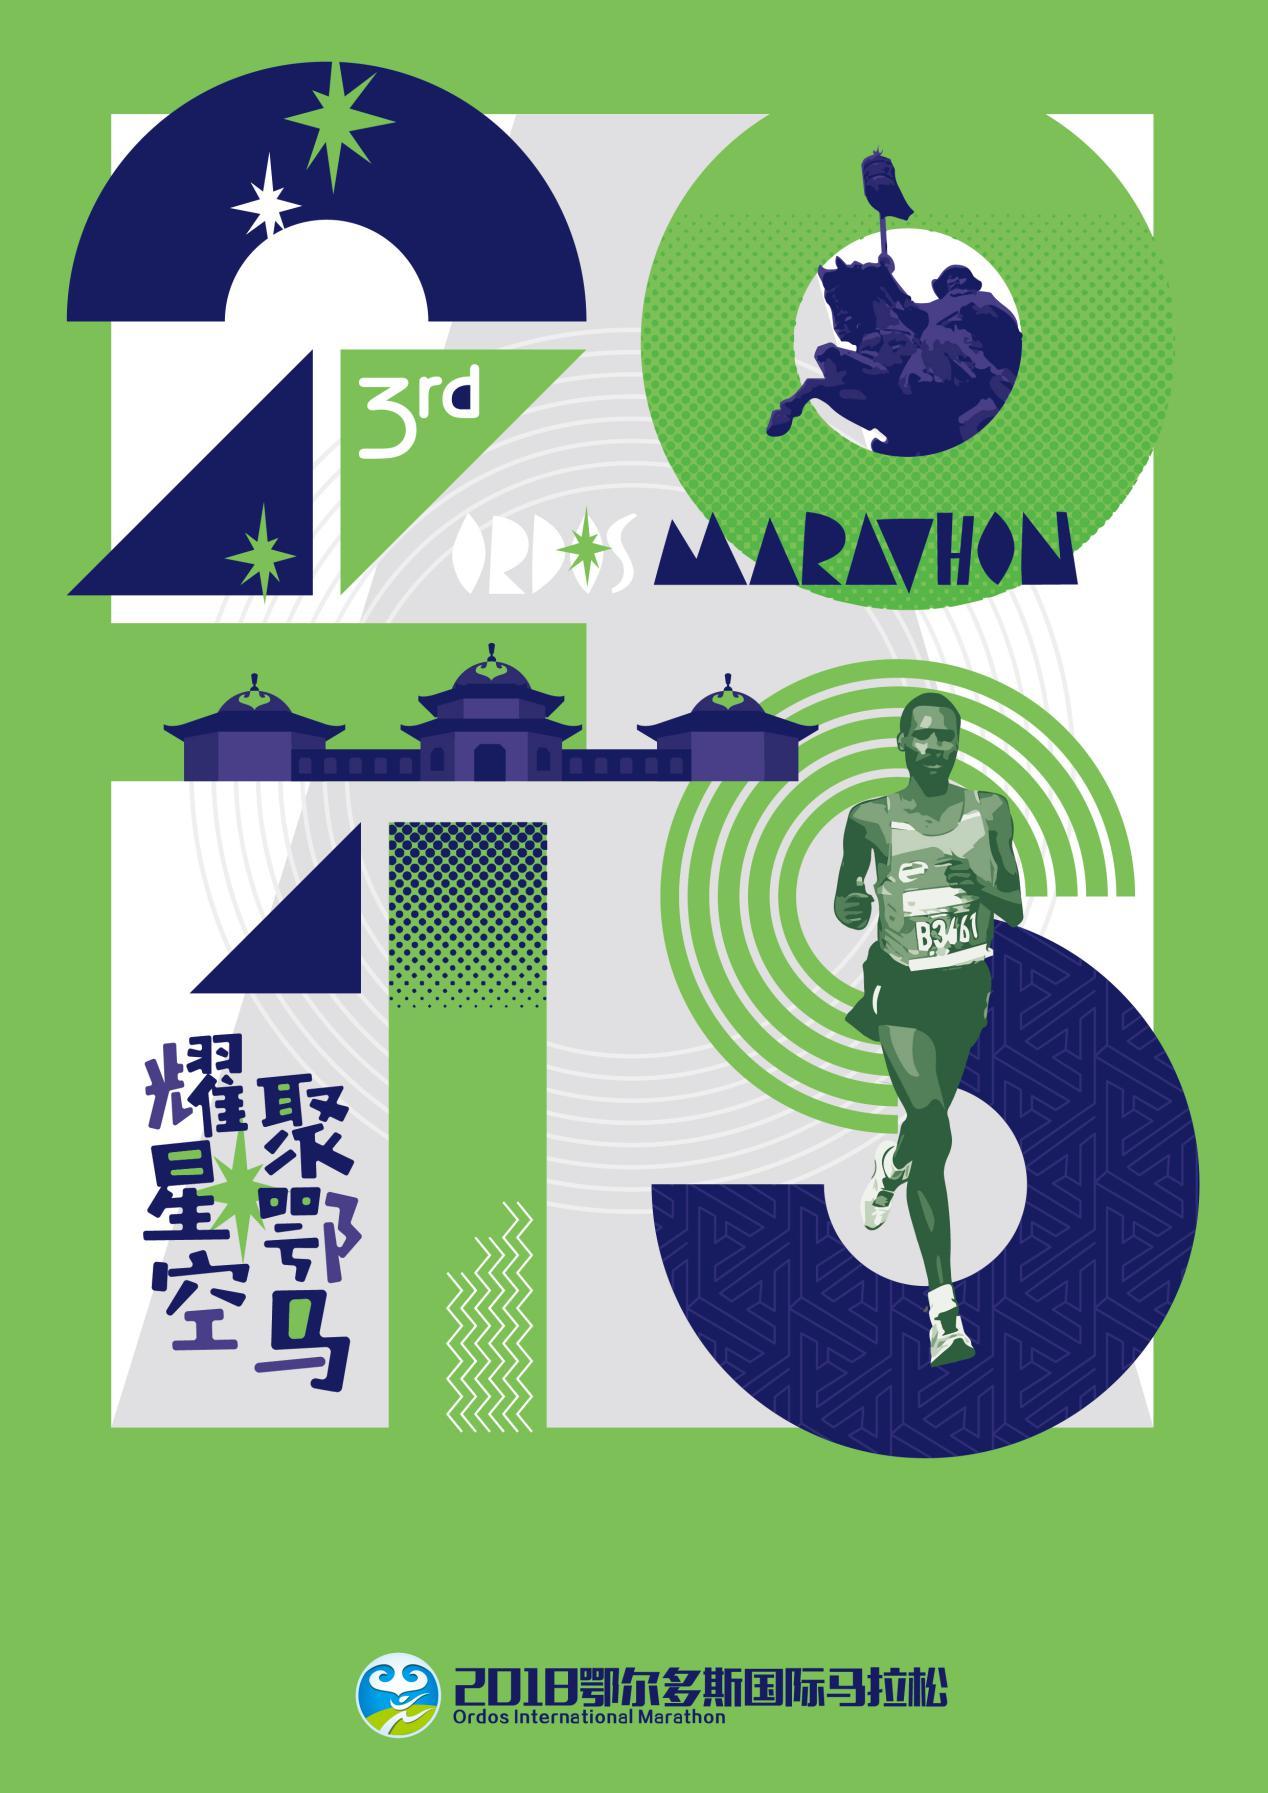 2018 鄂尔多斯国际马拉松